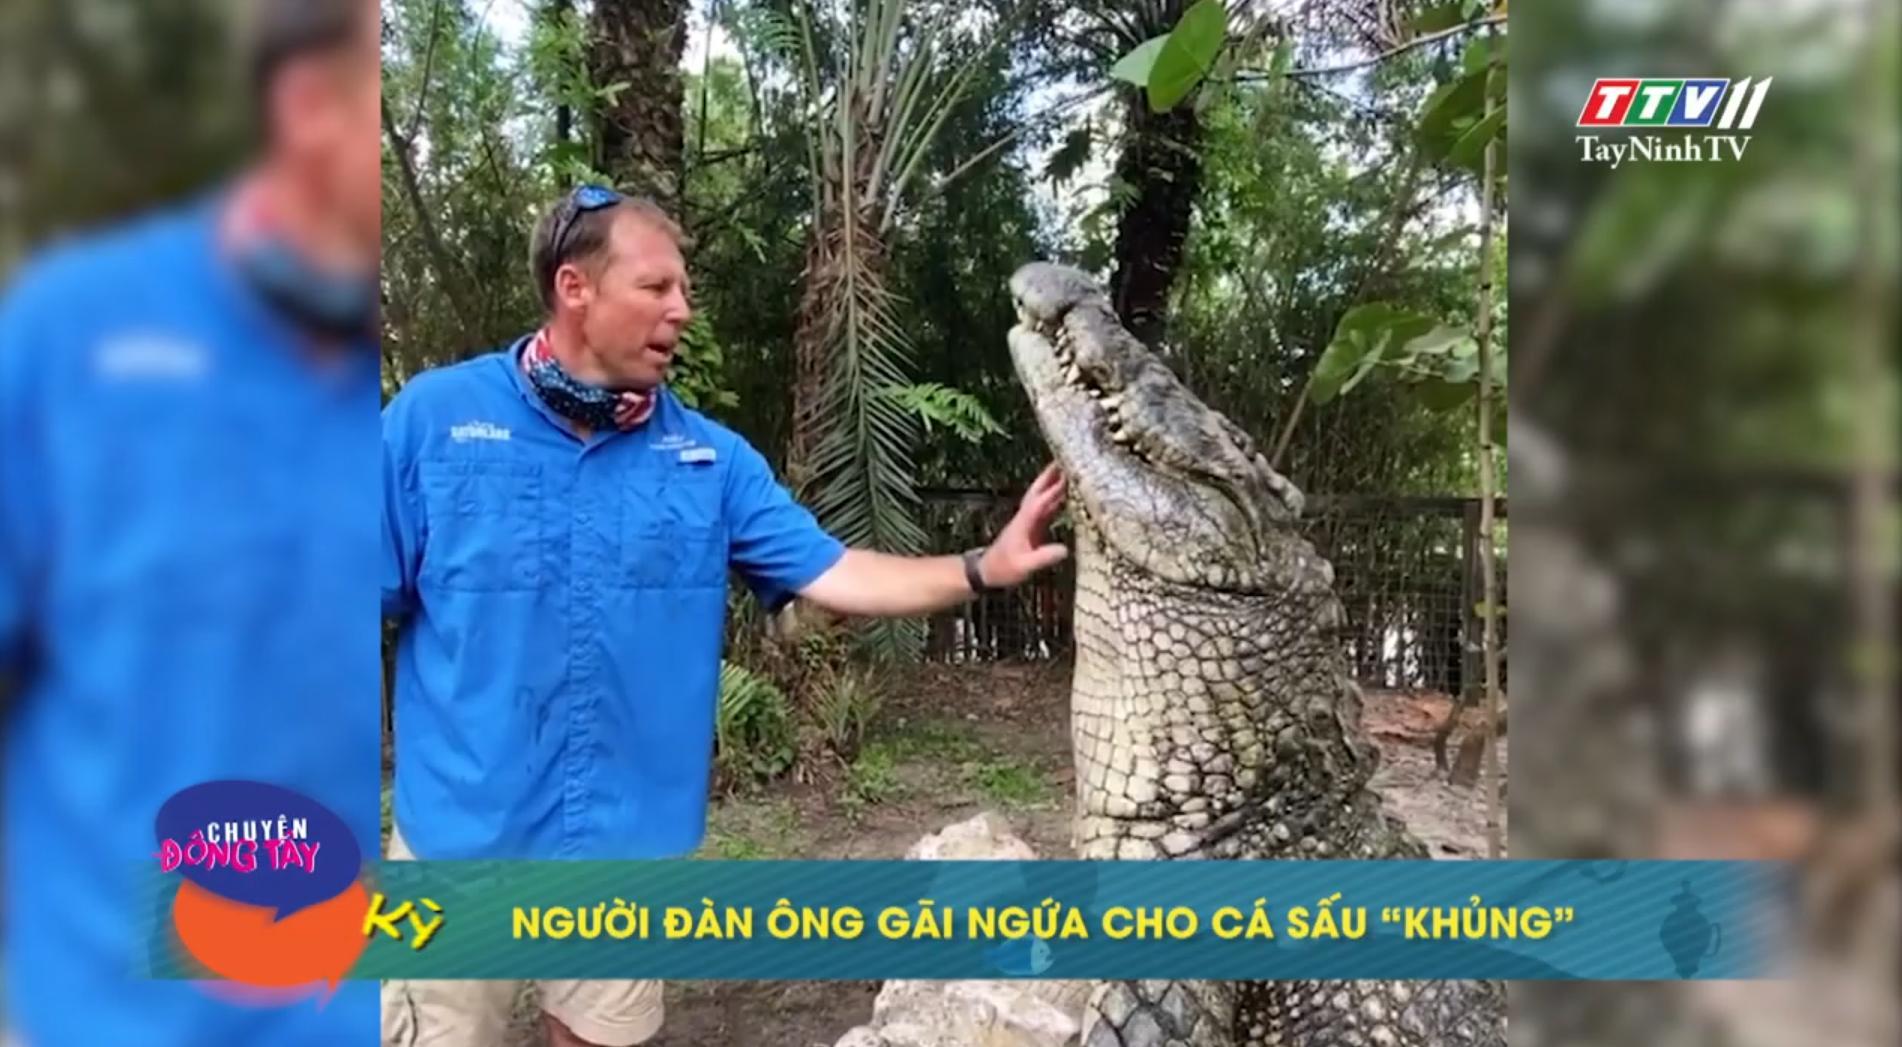 Người đàn ông gãi ngứa cho cá sấu